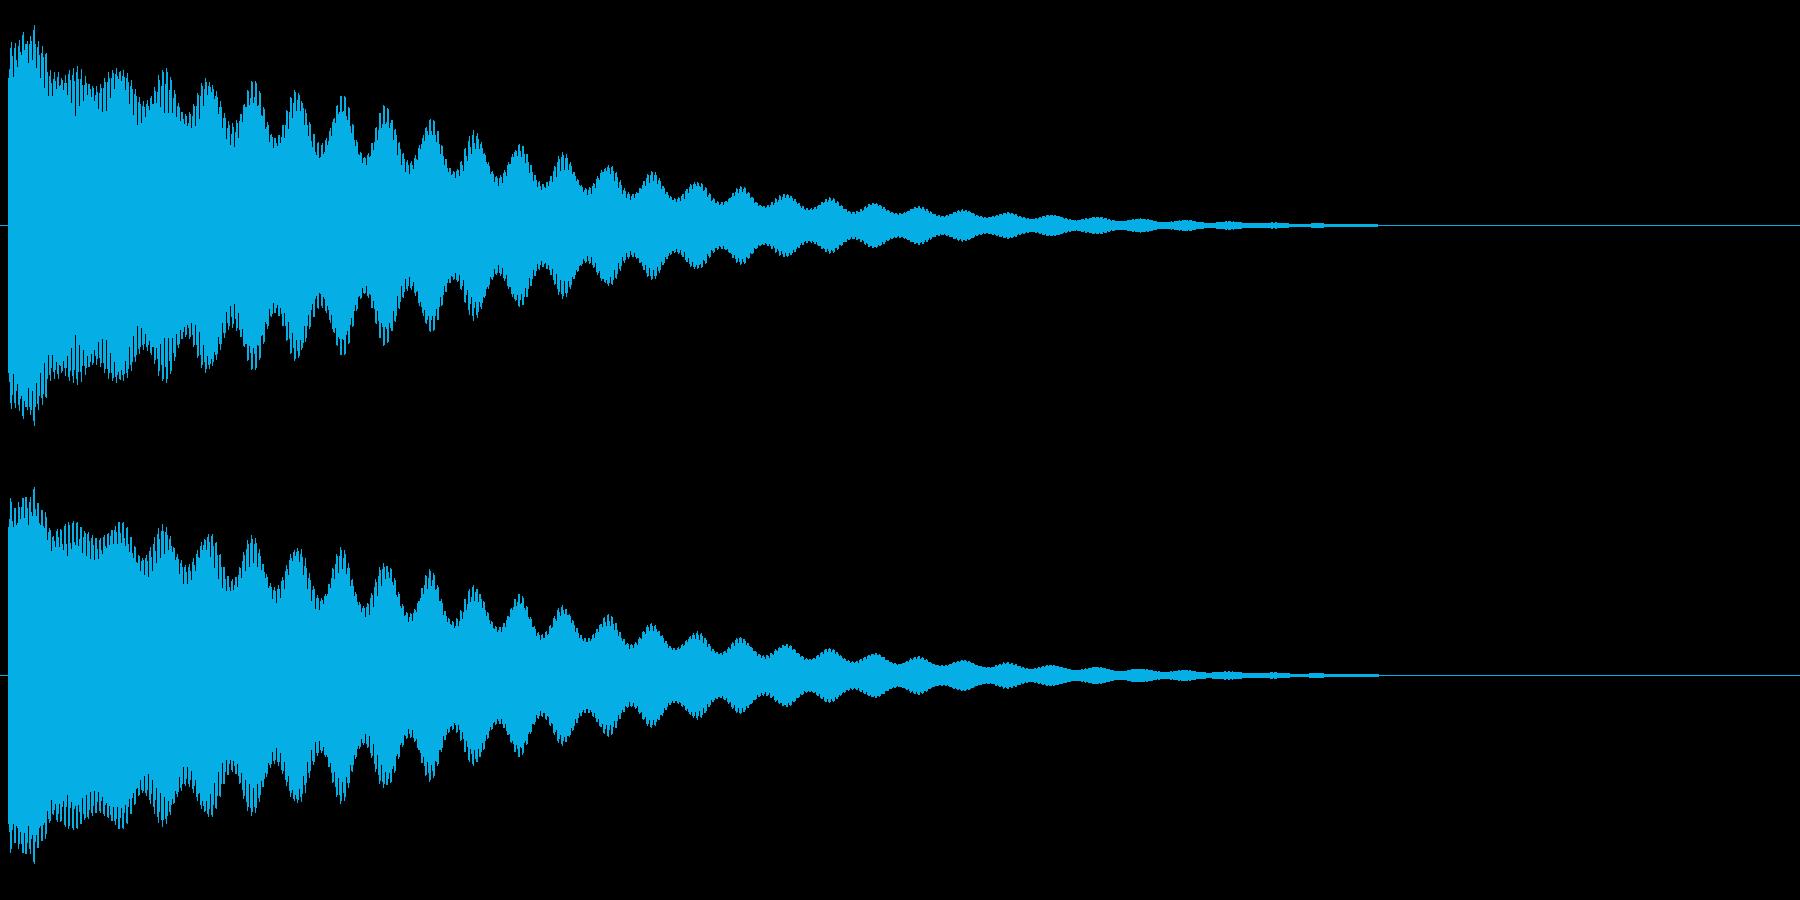 チーン/お鈴/仏壇/仏具/低いの再生済みの波形